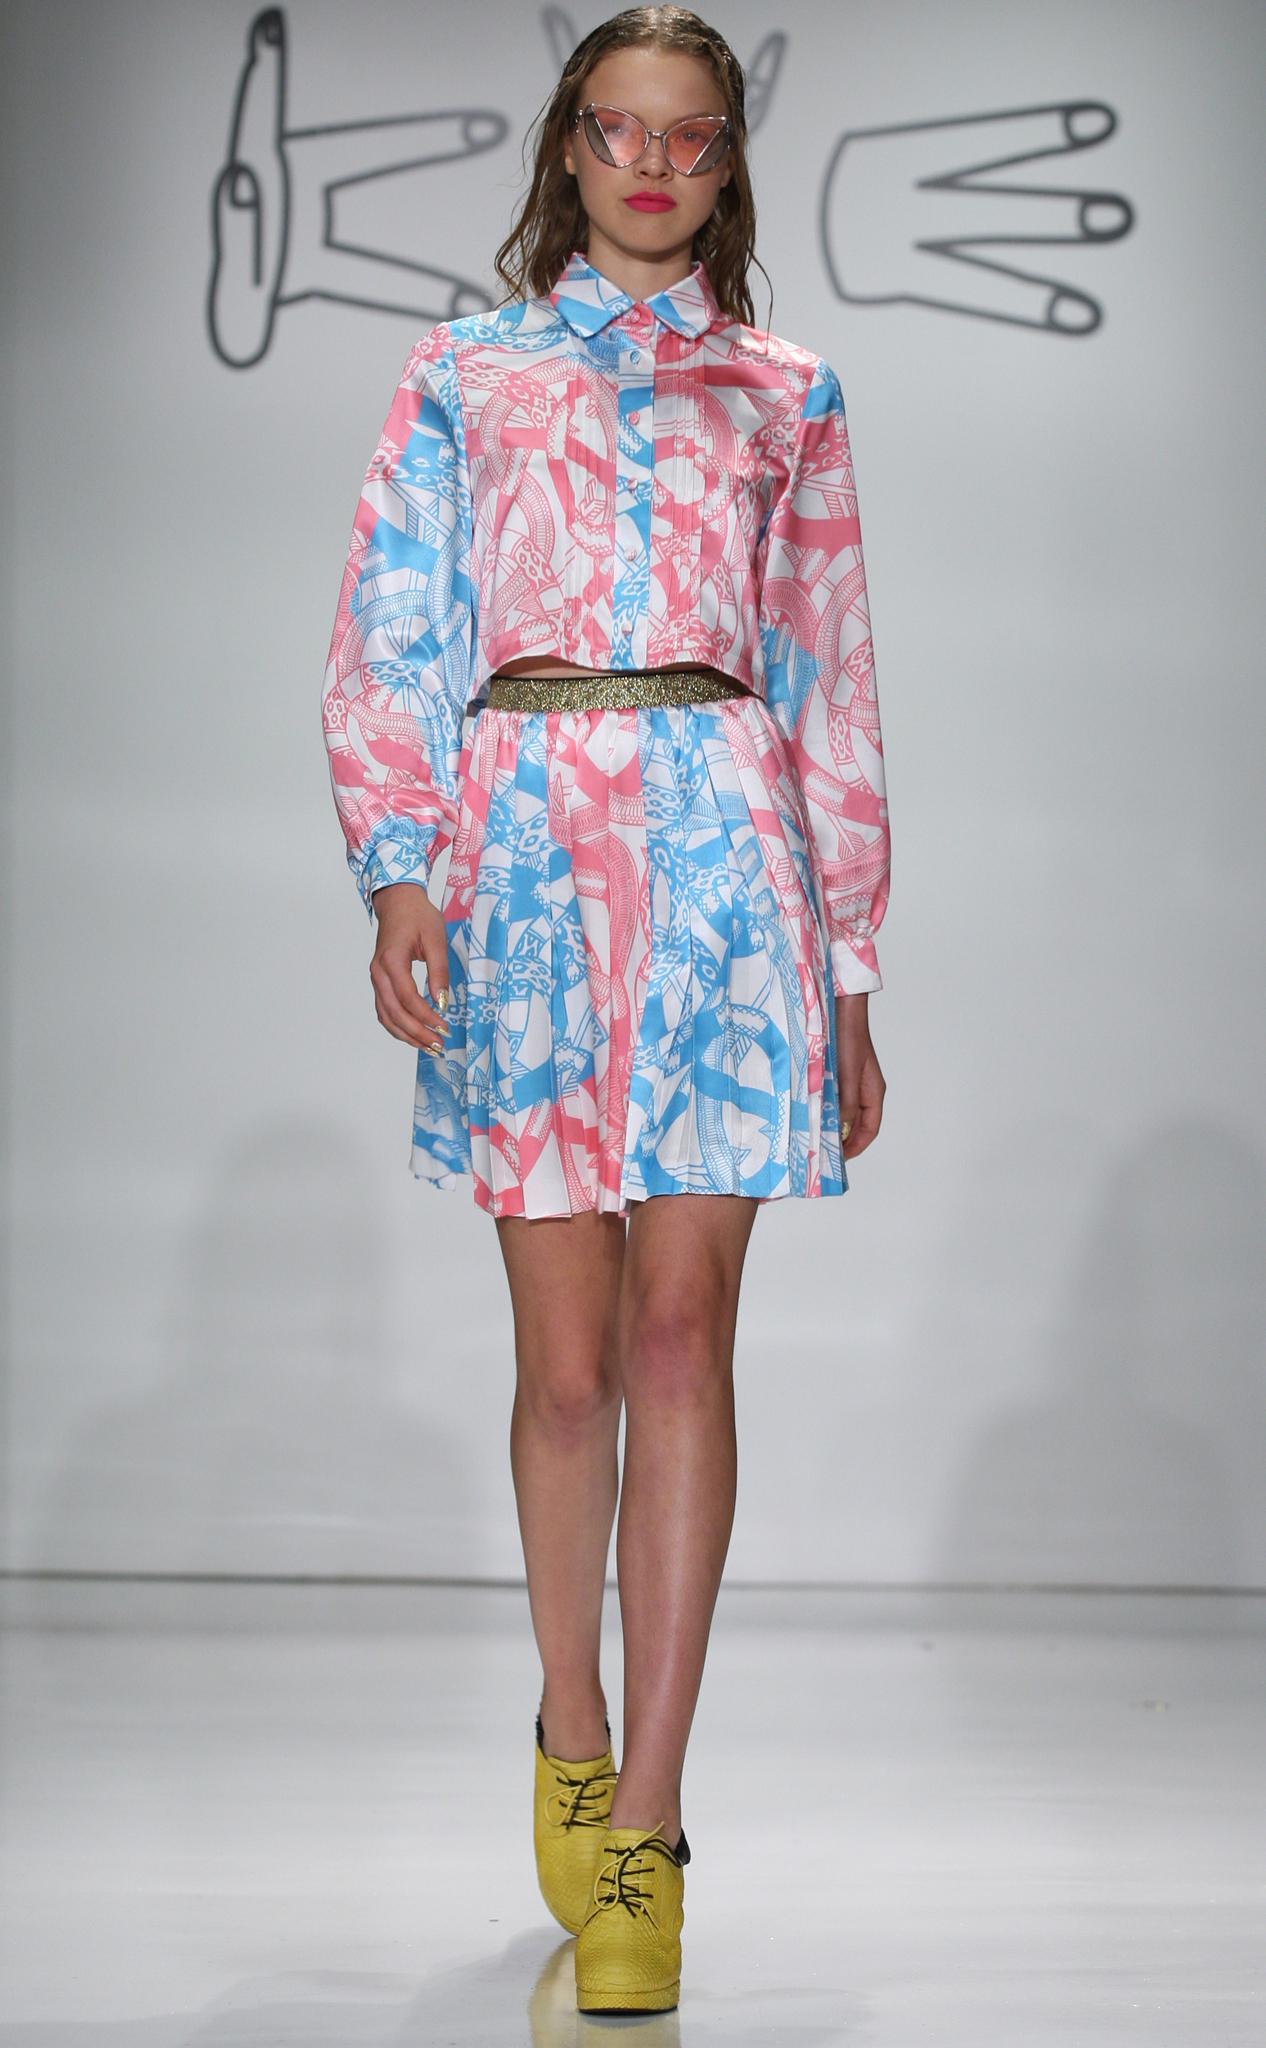 Kye Spring 4 Ready to Wear – WWD